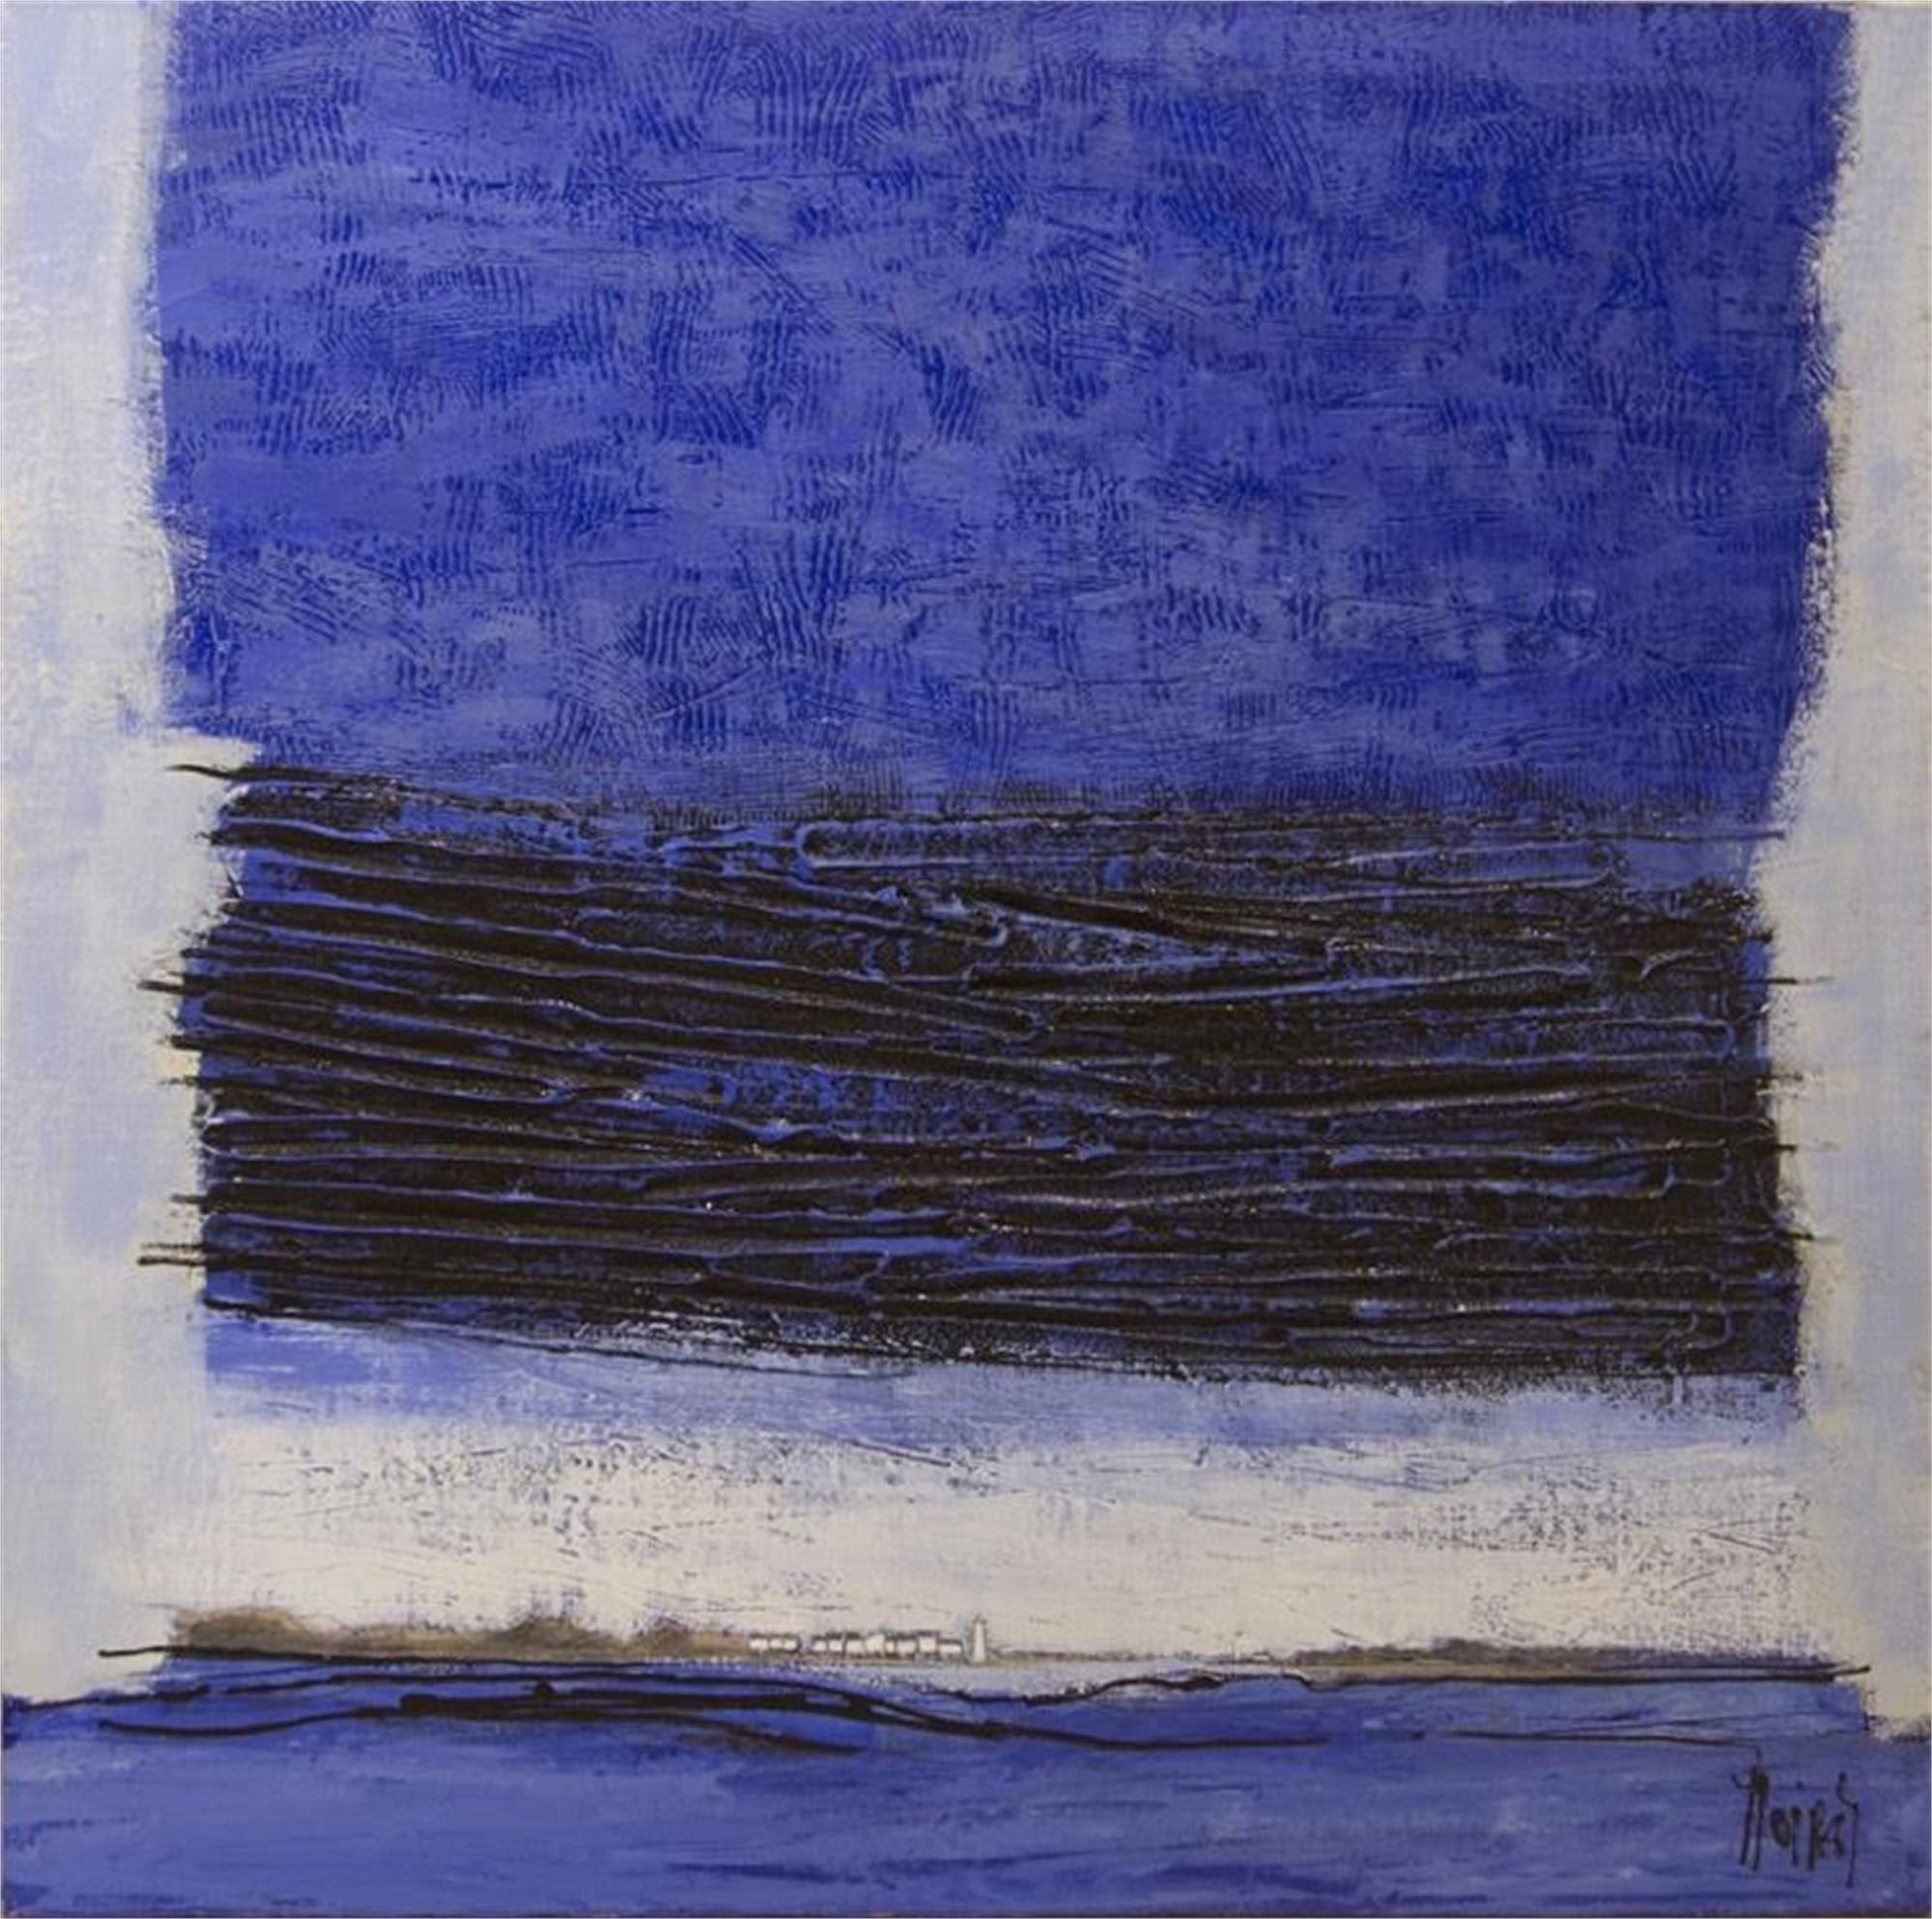 Pointe du Minou by Jean Moiras